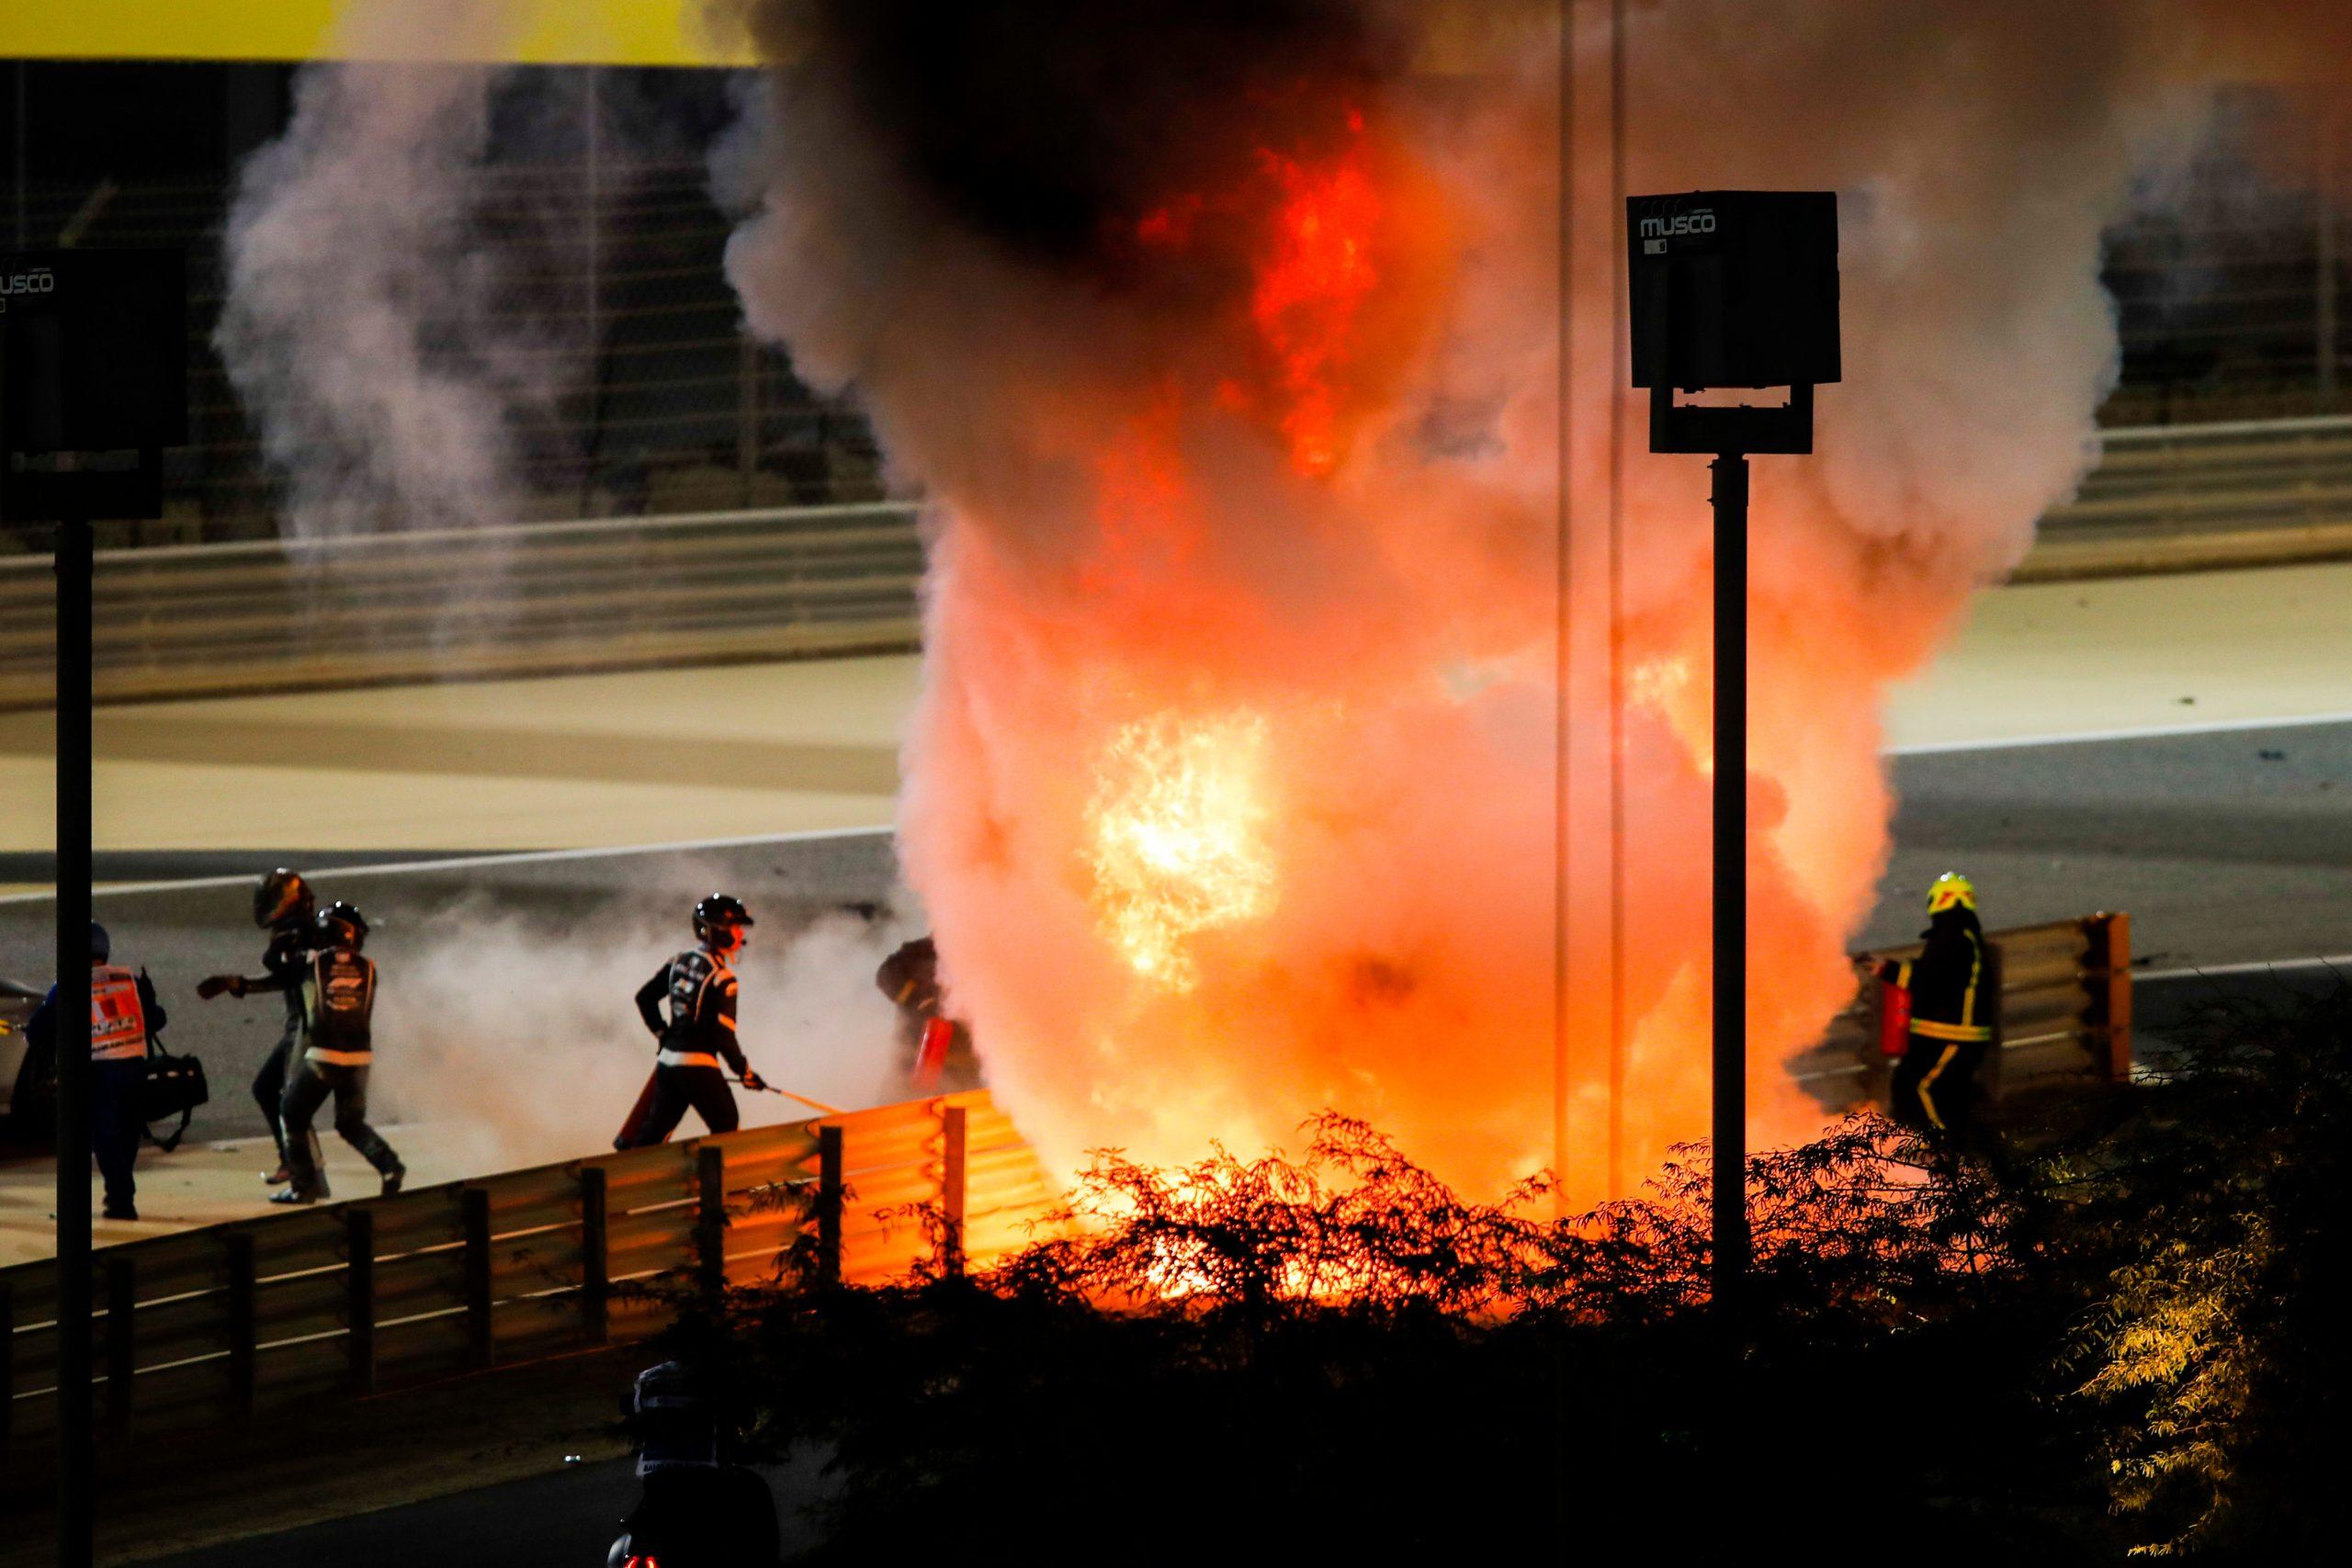 Romain Grosjean's helmet visor MELTED in fireball Bahrain GP crash, reveals hero doctor who saved F1 star